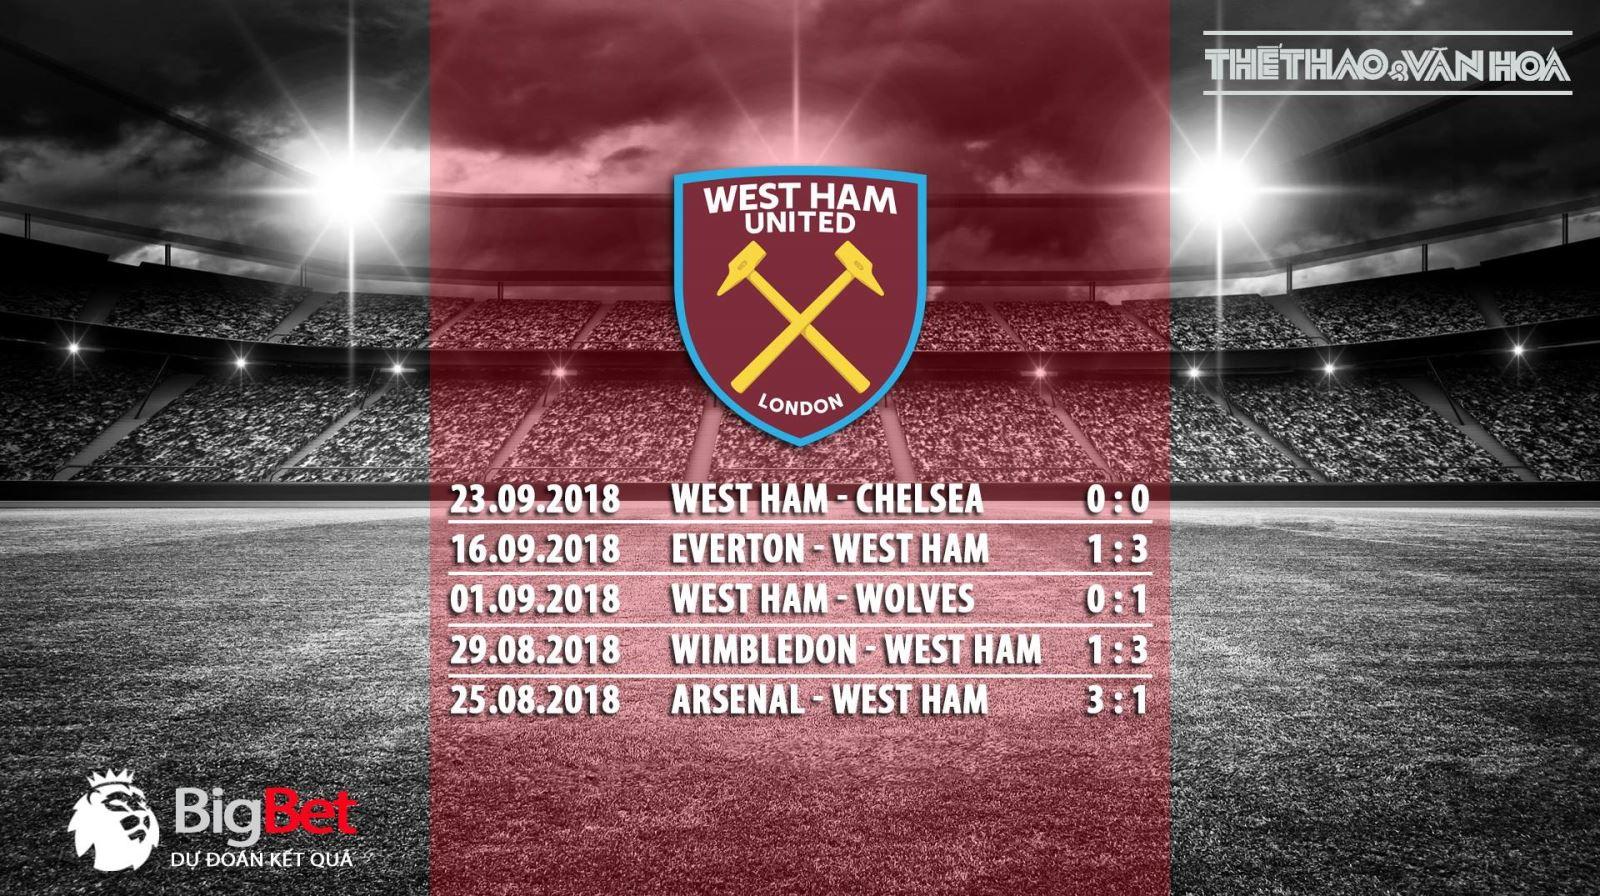 Vòng 7 Premier League: Soi kèo West Ham vs M.U (18h30 ngày 29/9)